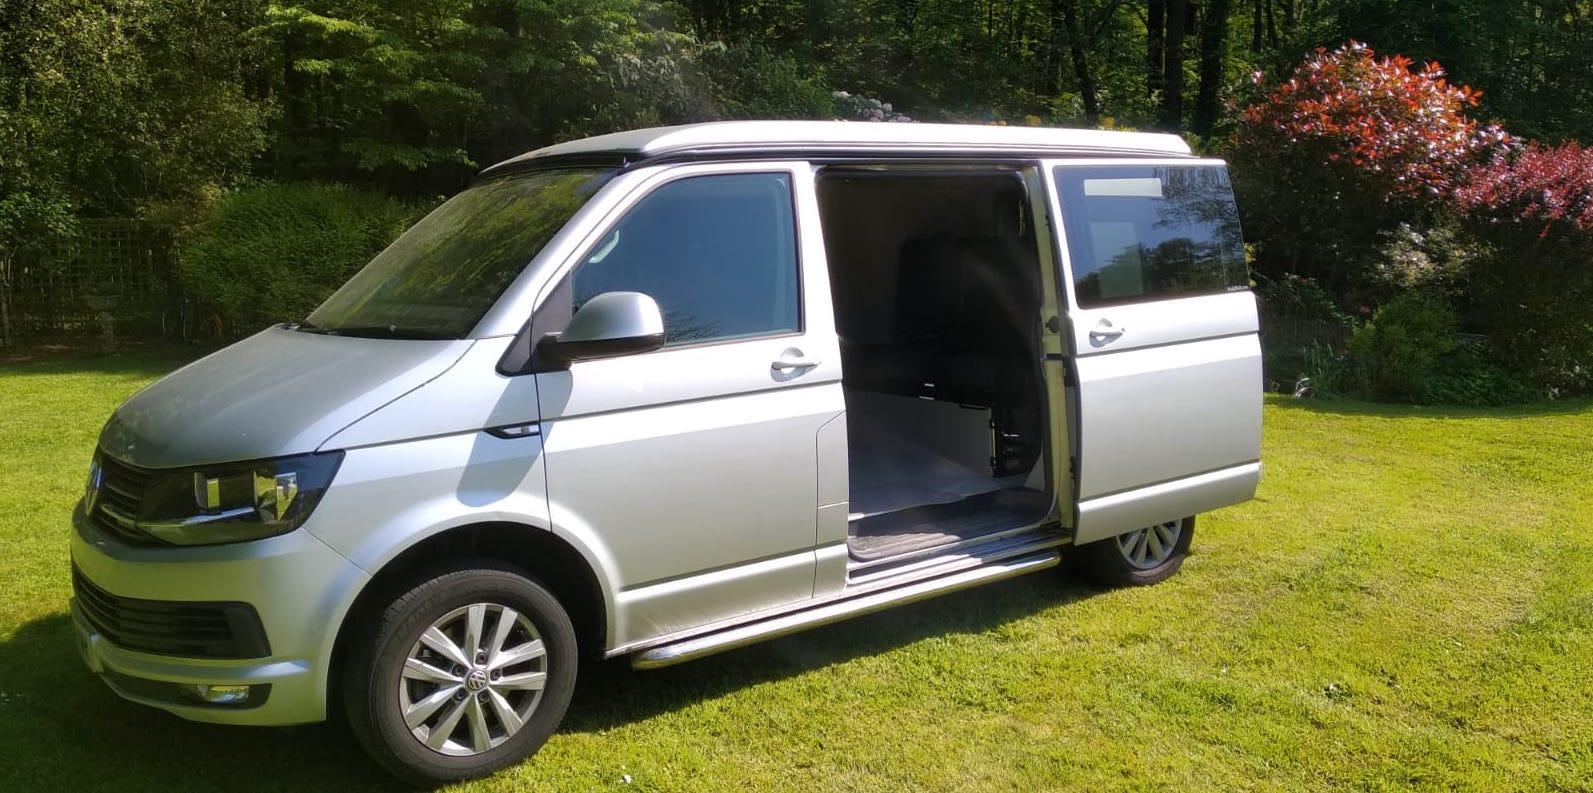 Meet Freddie -  the complete campervan